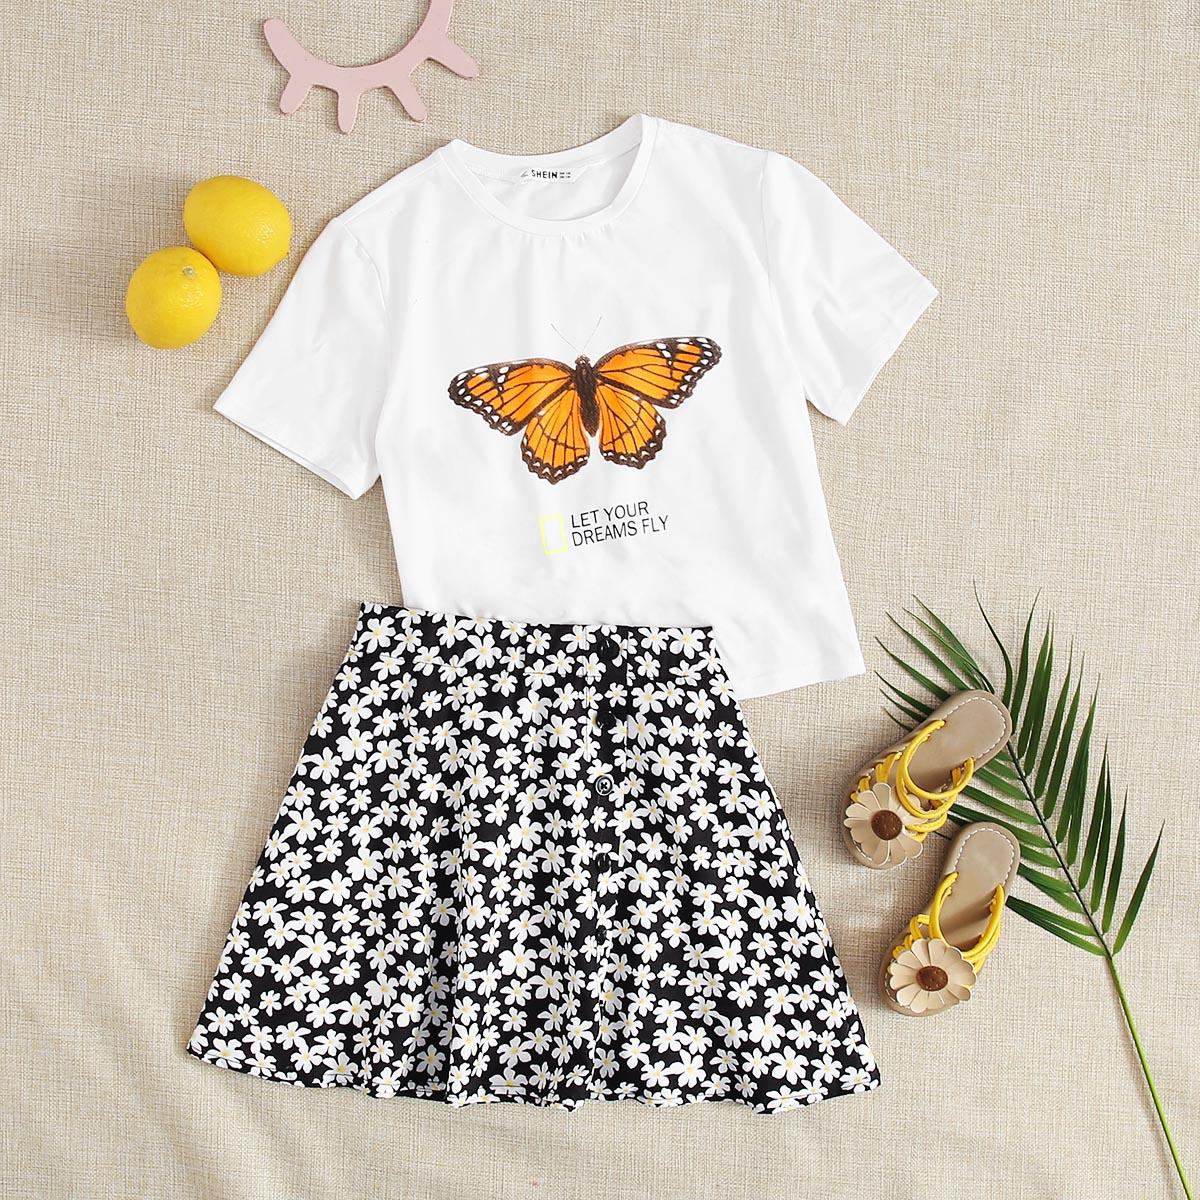 SHEIN / Mädchen Top mit Schmetterling und Buchstaben Grafik & Rock Set mit Knöpfen und Blumen Muster